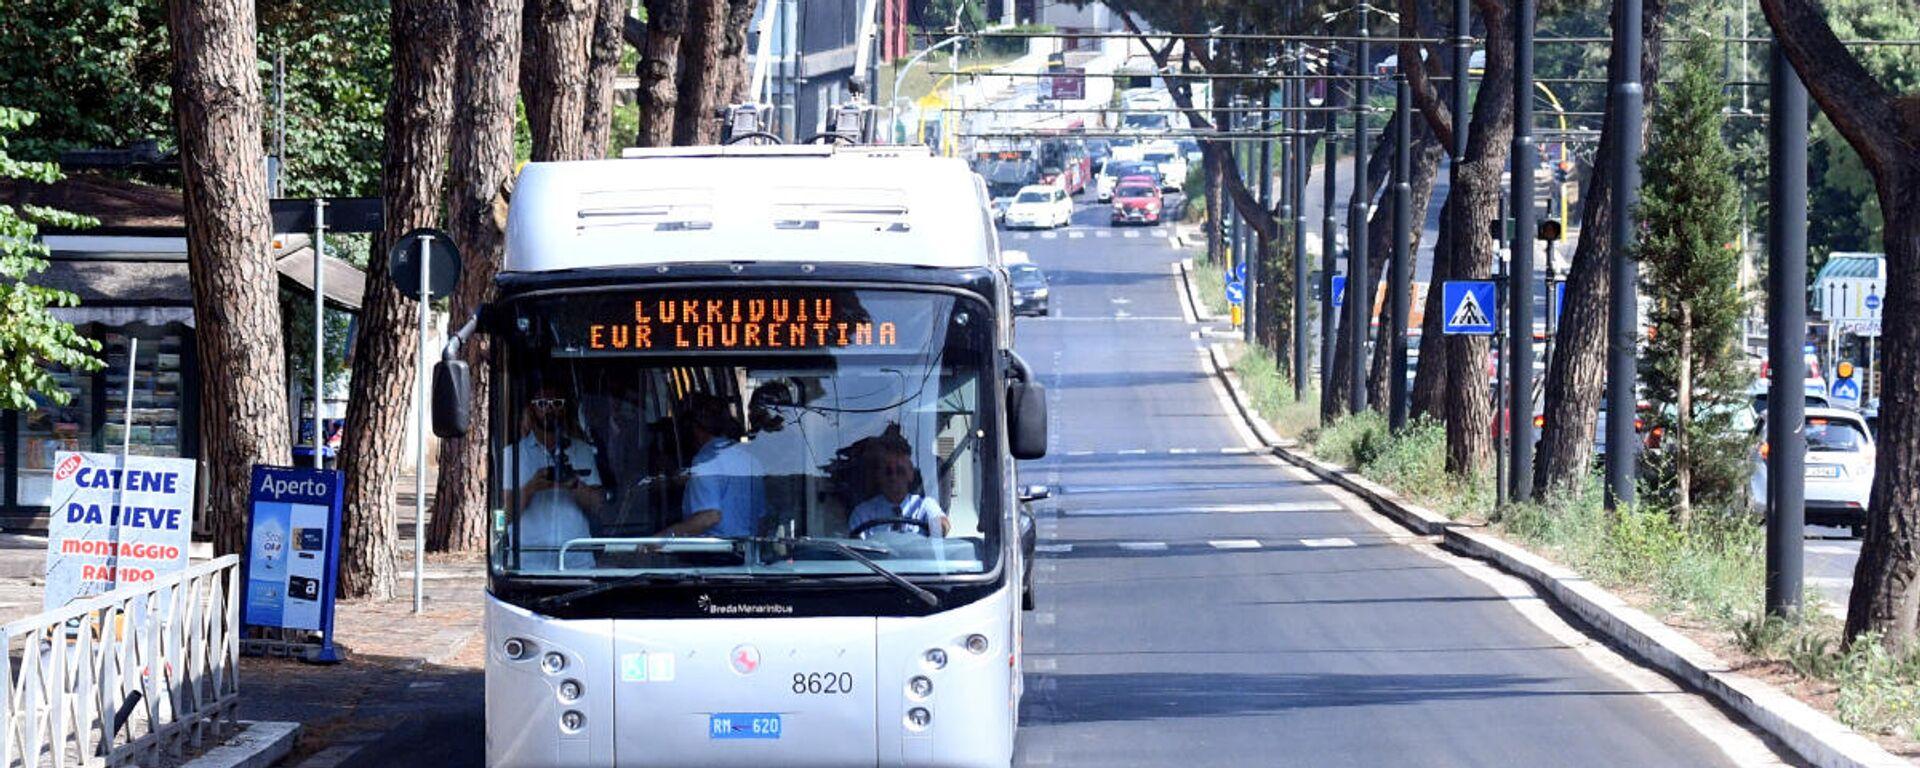 La sindaca Virginia Raggi inaugura il Corridoio Laurentino, ovvero il tratto di corsia preferenziale per autobus su via Laurentina - Sputnik Italia, 1920, 12.10.2021